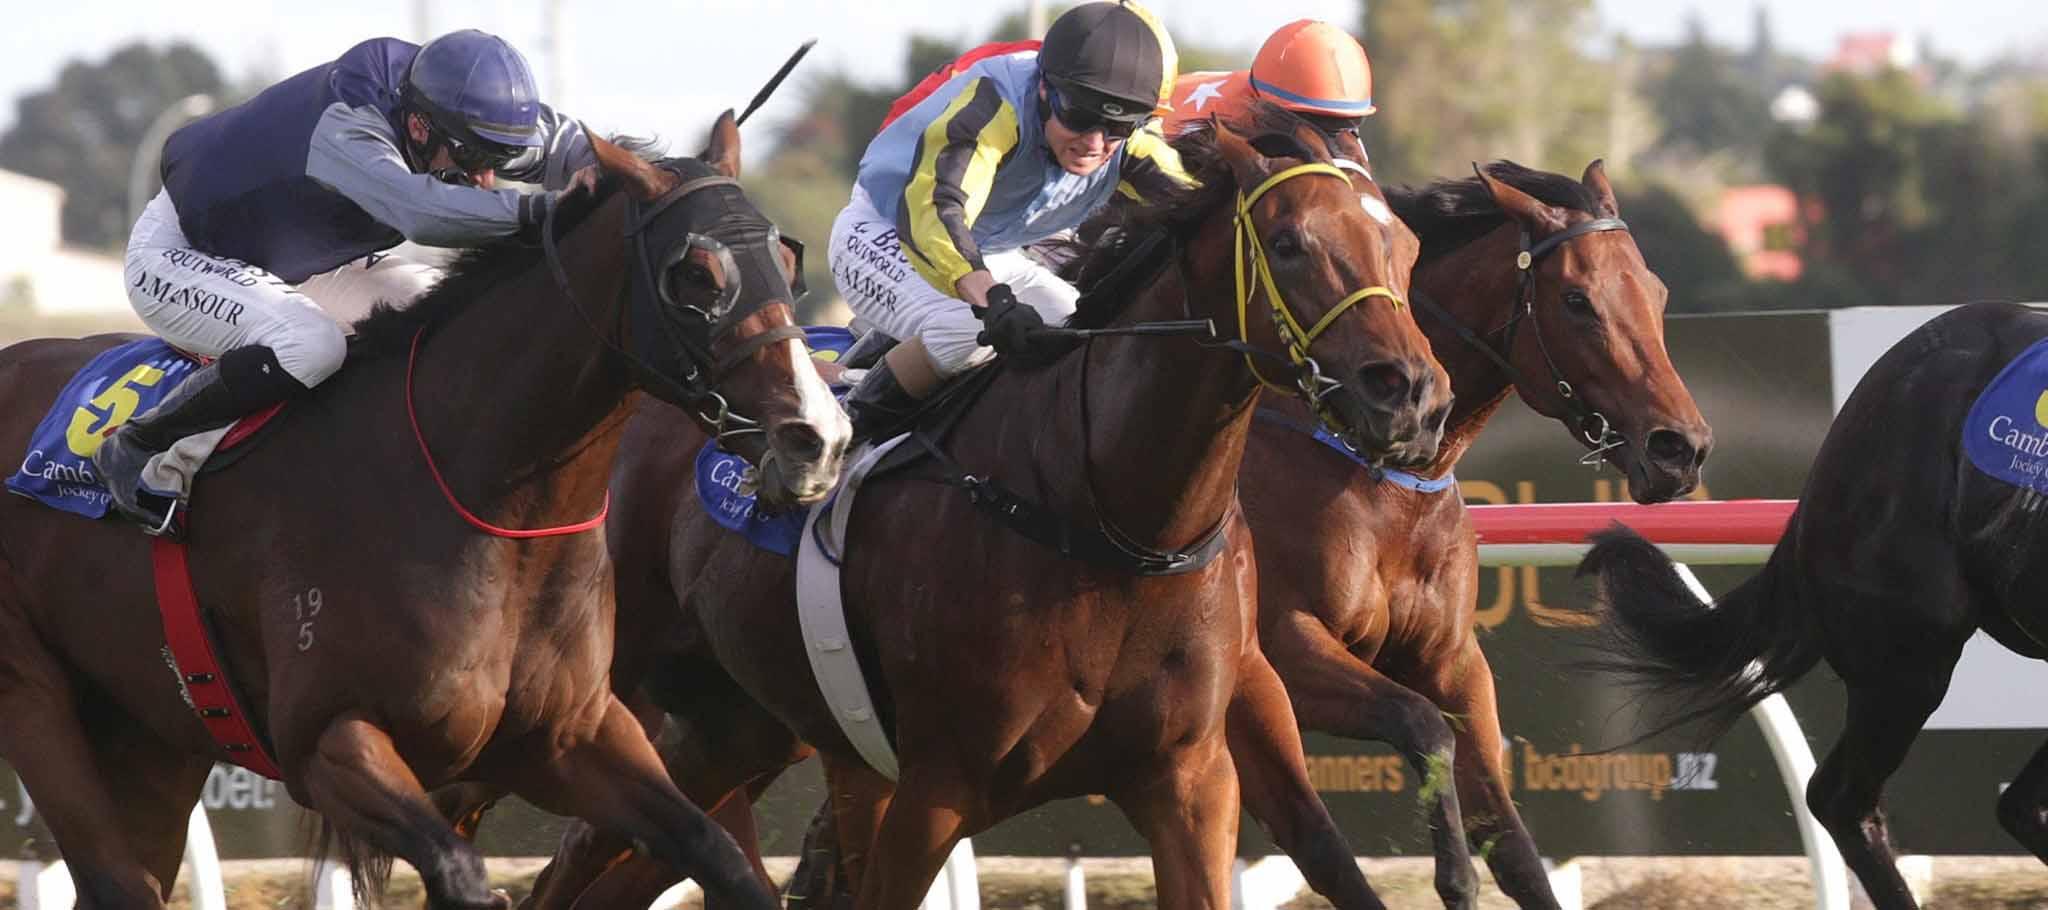 Santa Anita Park Horse Racing Odds & Picks for Saturday, June 20